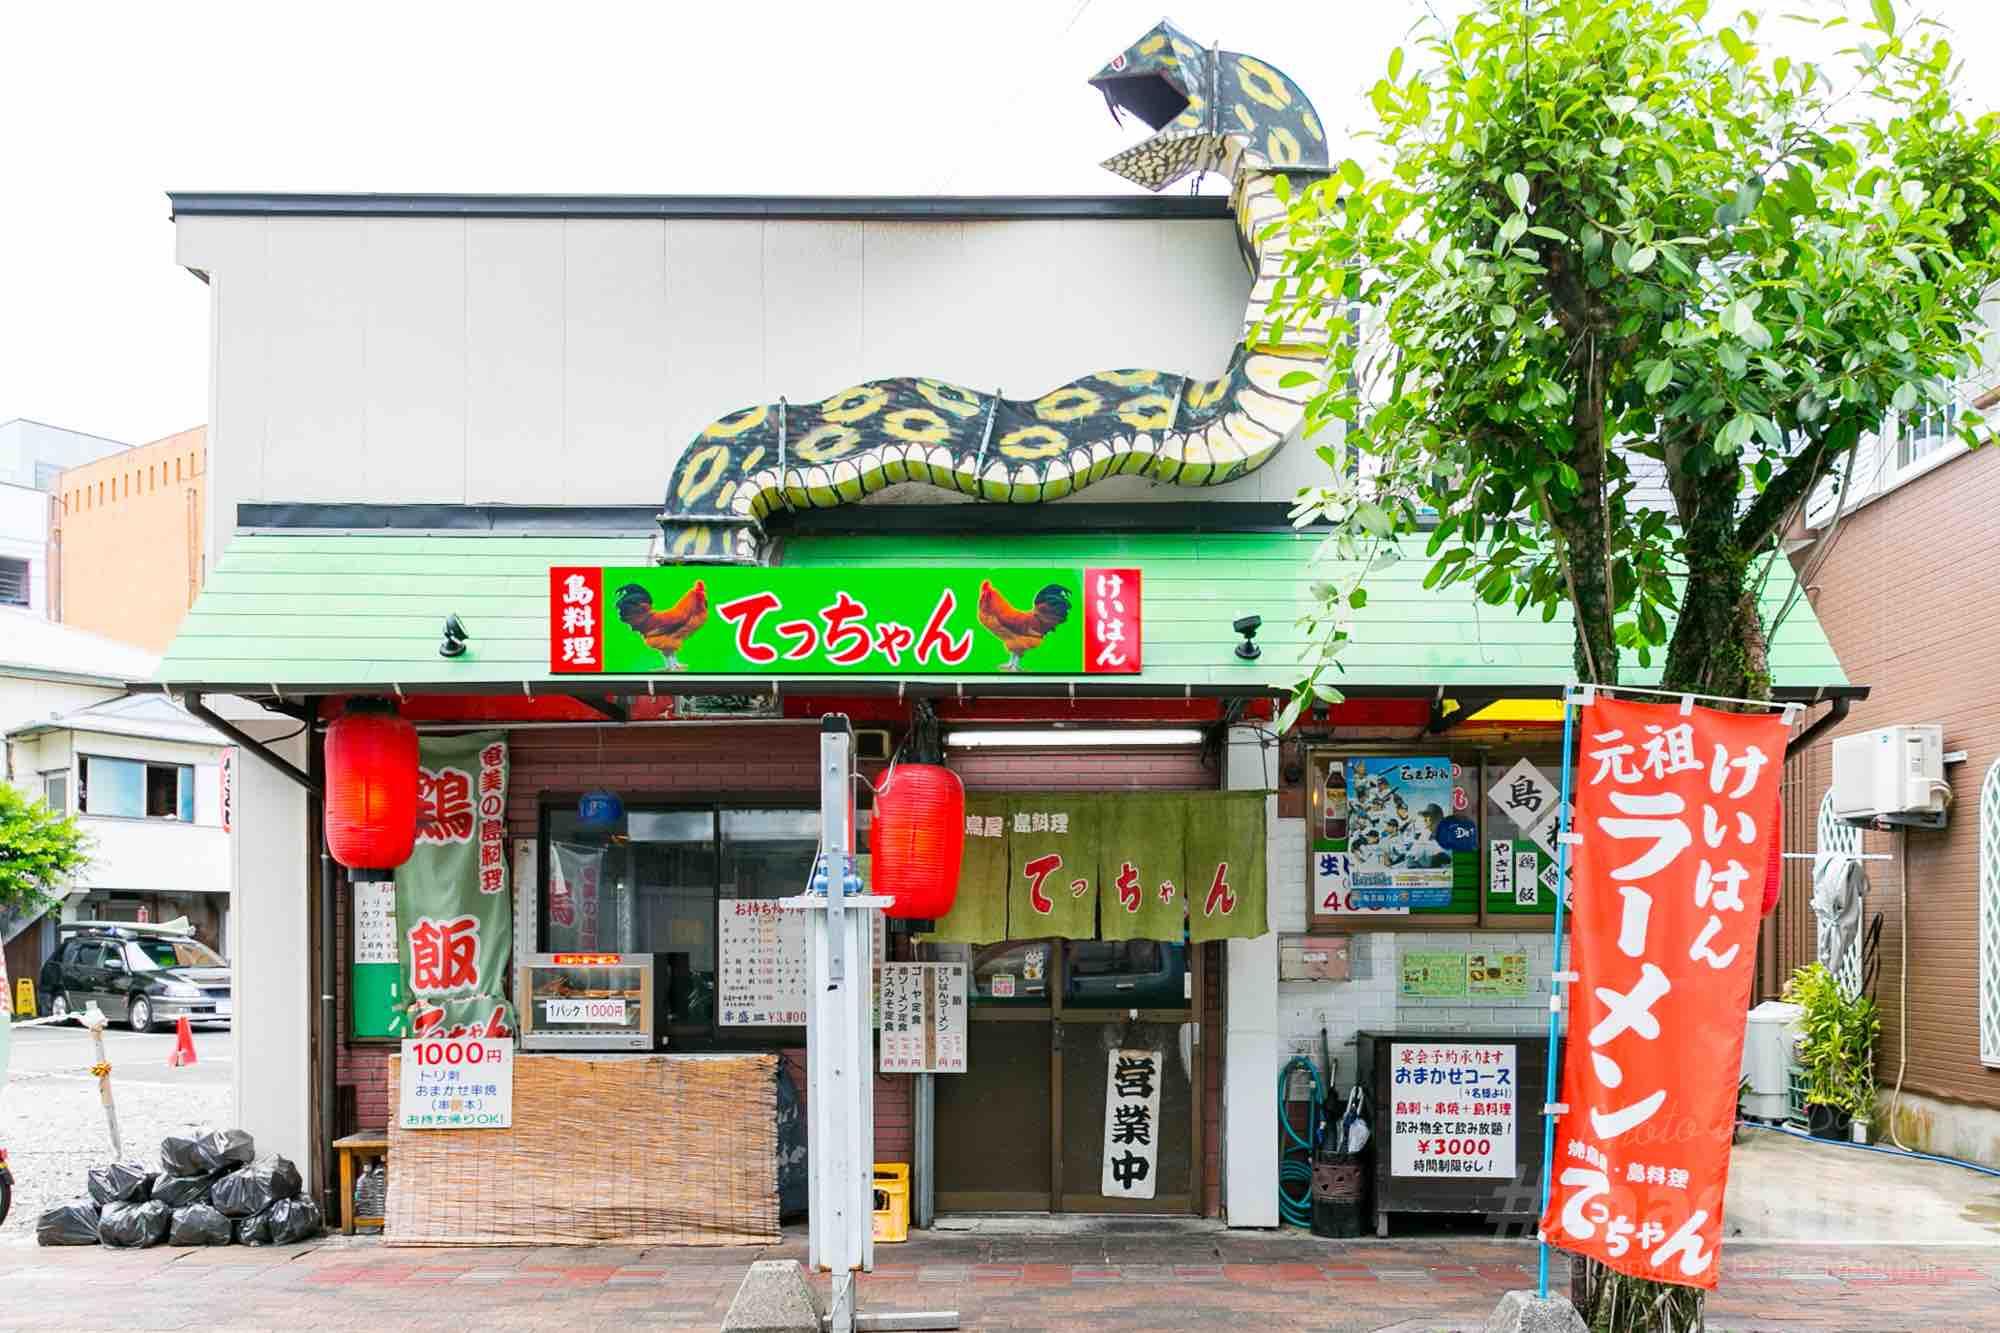 マチイロマガジン ラーメン特集3 焼鳥屋 てっちゃん 名瀬店